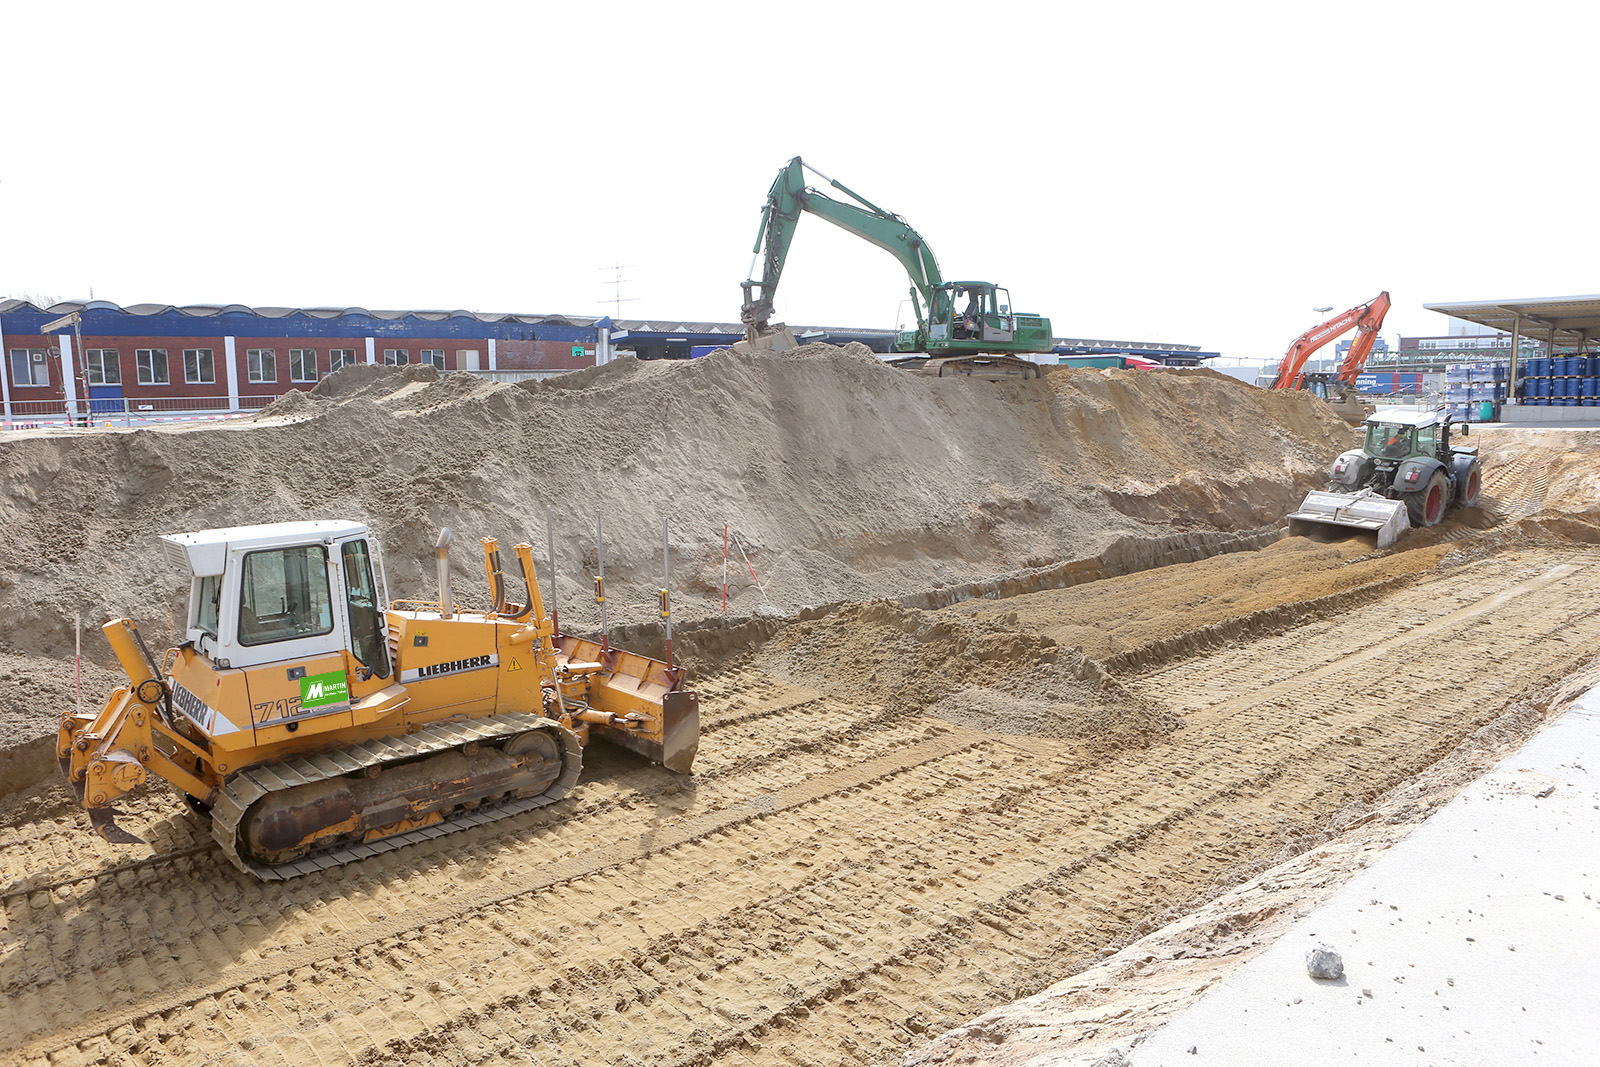 Baugrundverbesserung für Gefahrstofflager · CPM Marl